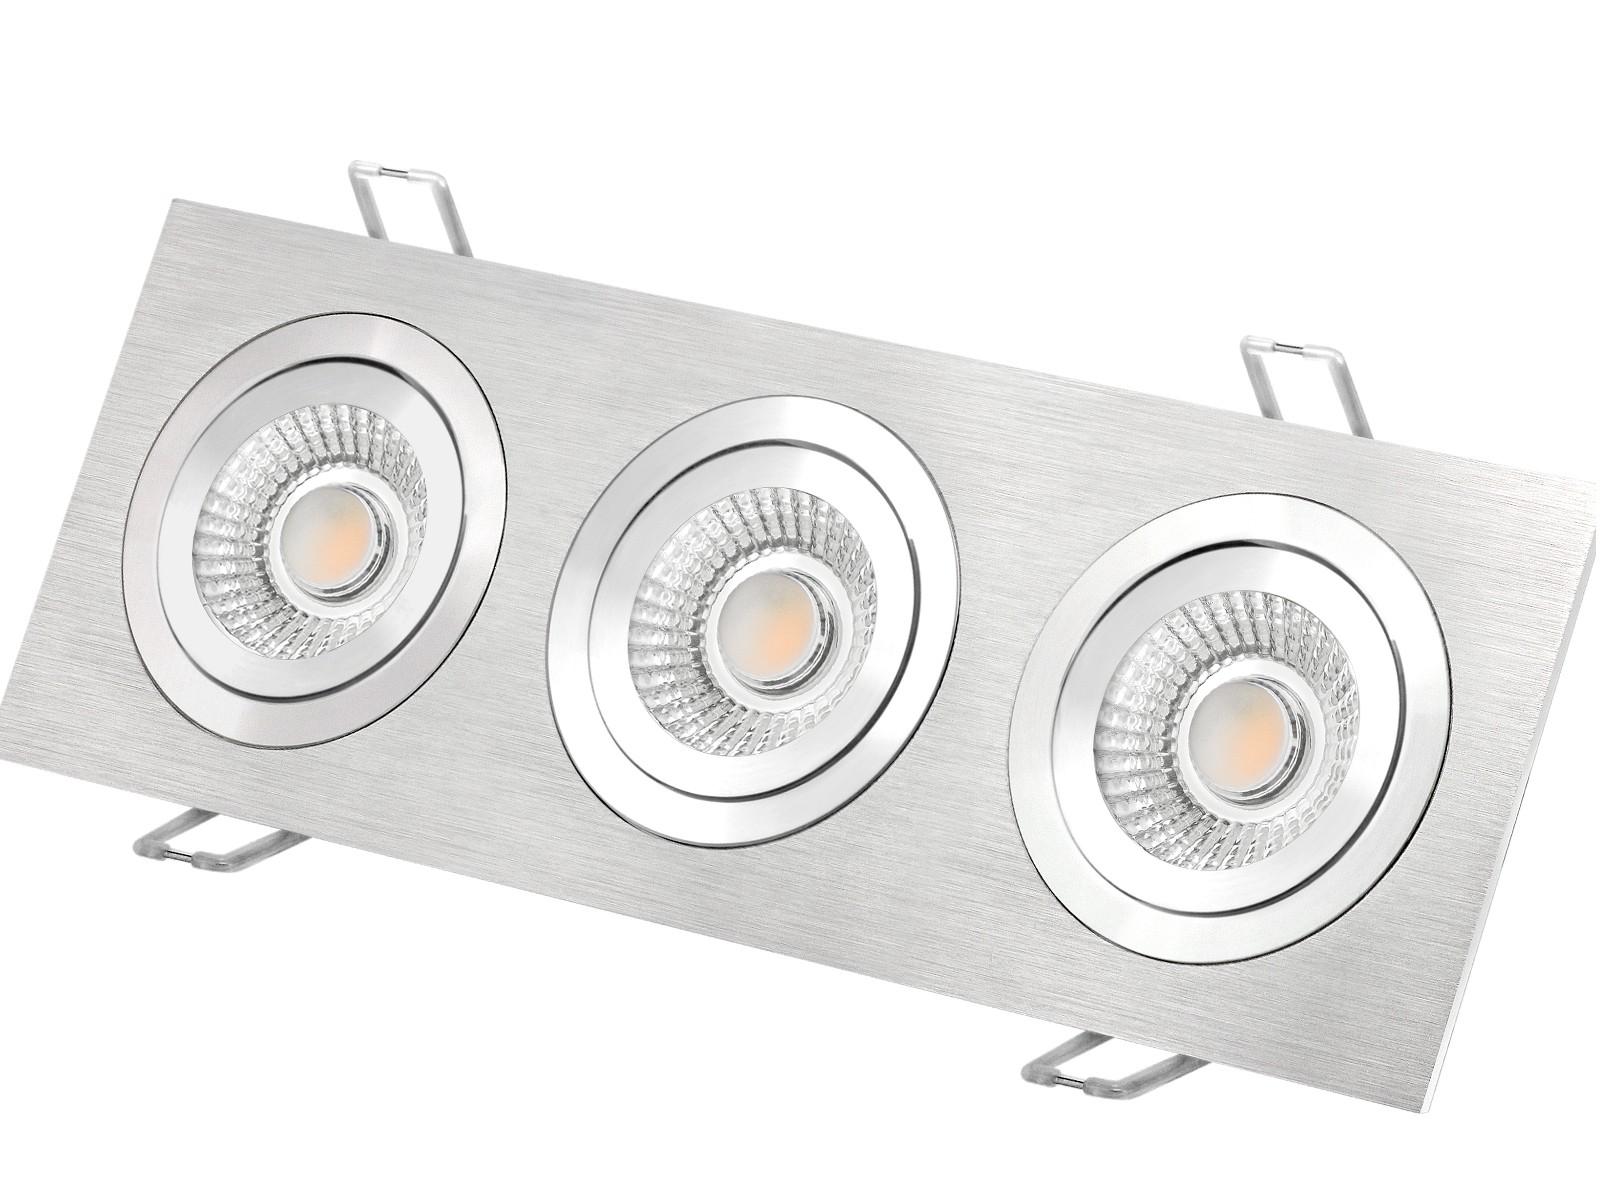 QF-2-3-Master-Alu-Decke-InnenringFlach-1600x1200 Erstaunlich Led Einbaustrahler 230v Flach Dekorationen